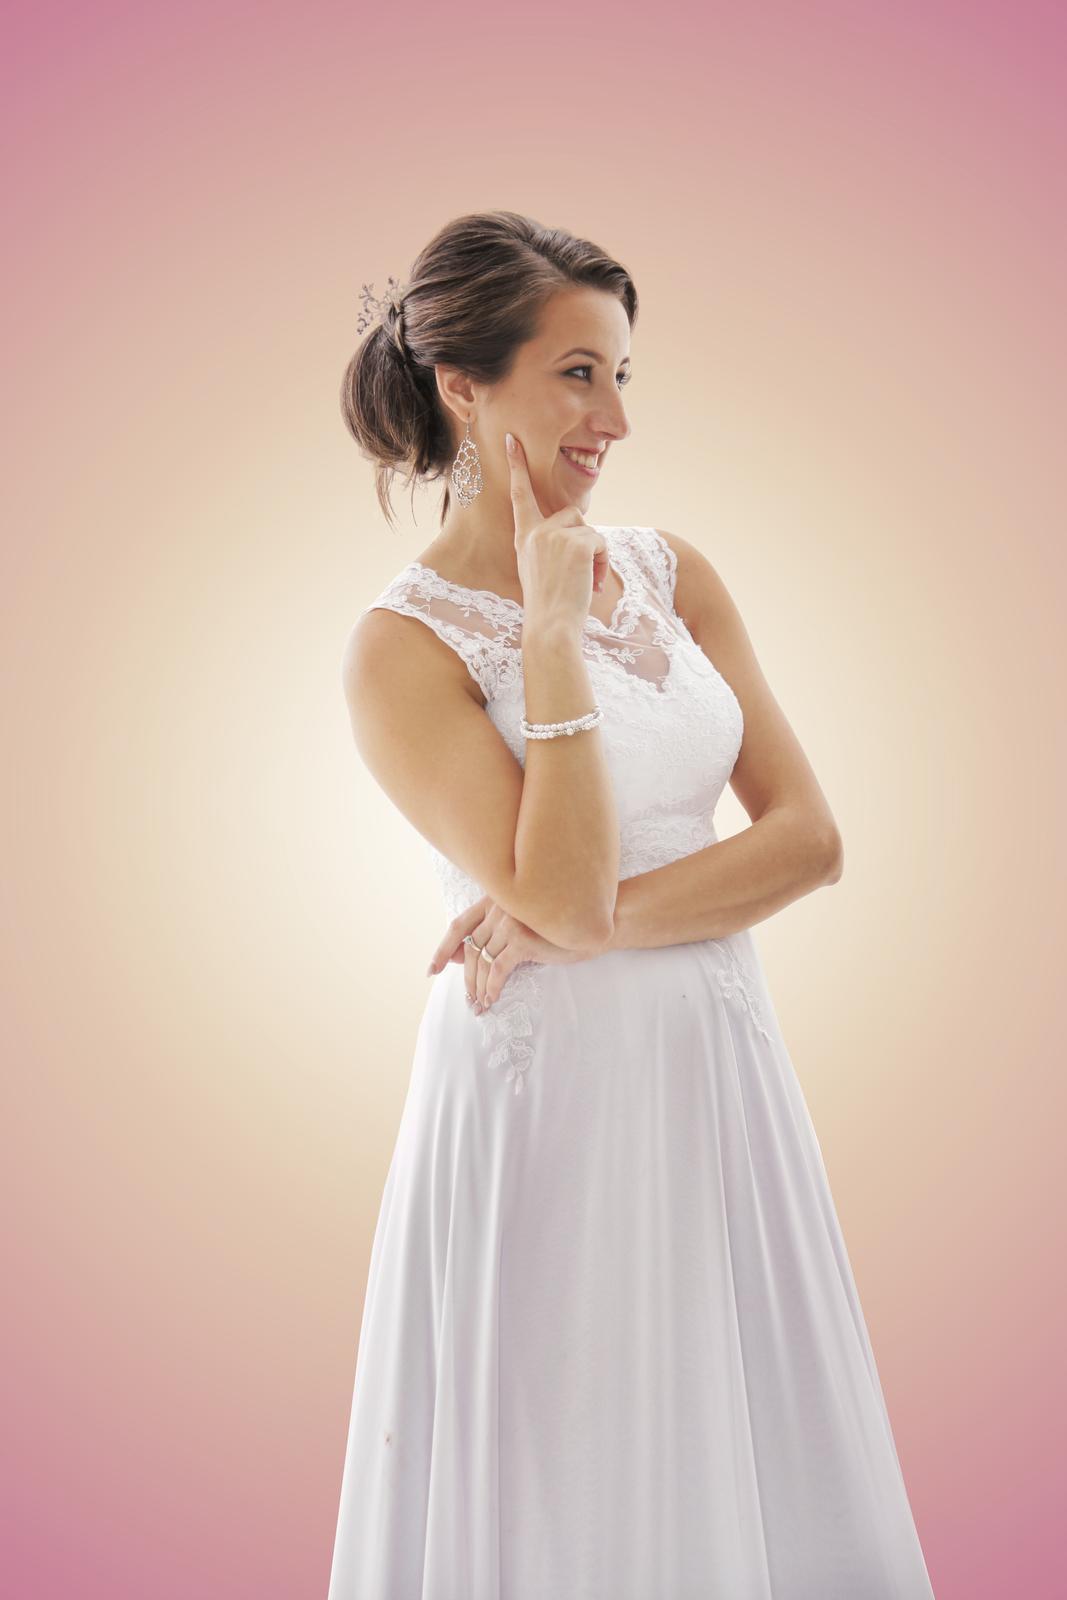 Elegantné svadobné šaty s luxusnou čipkou - Obrázok č. 1